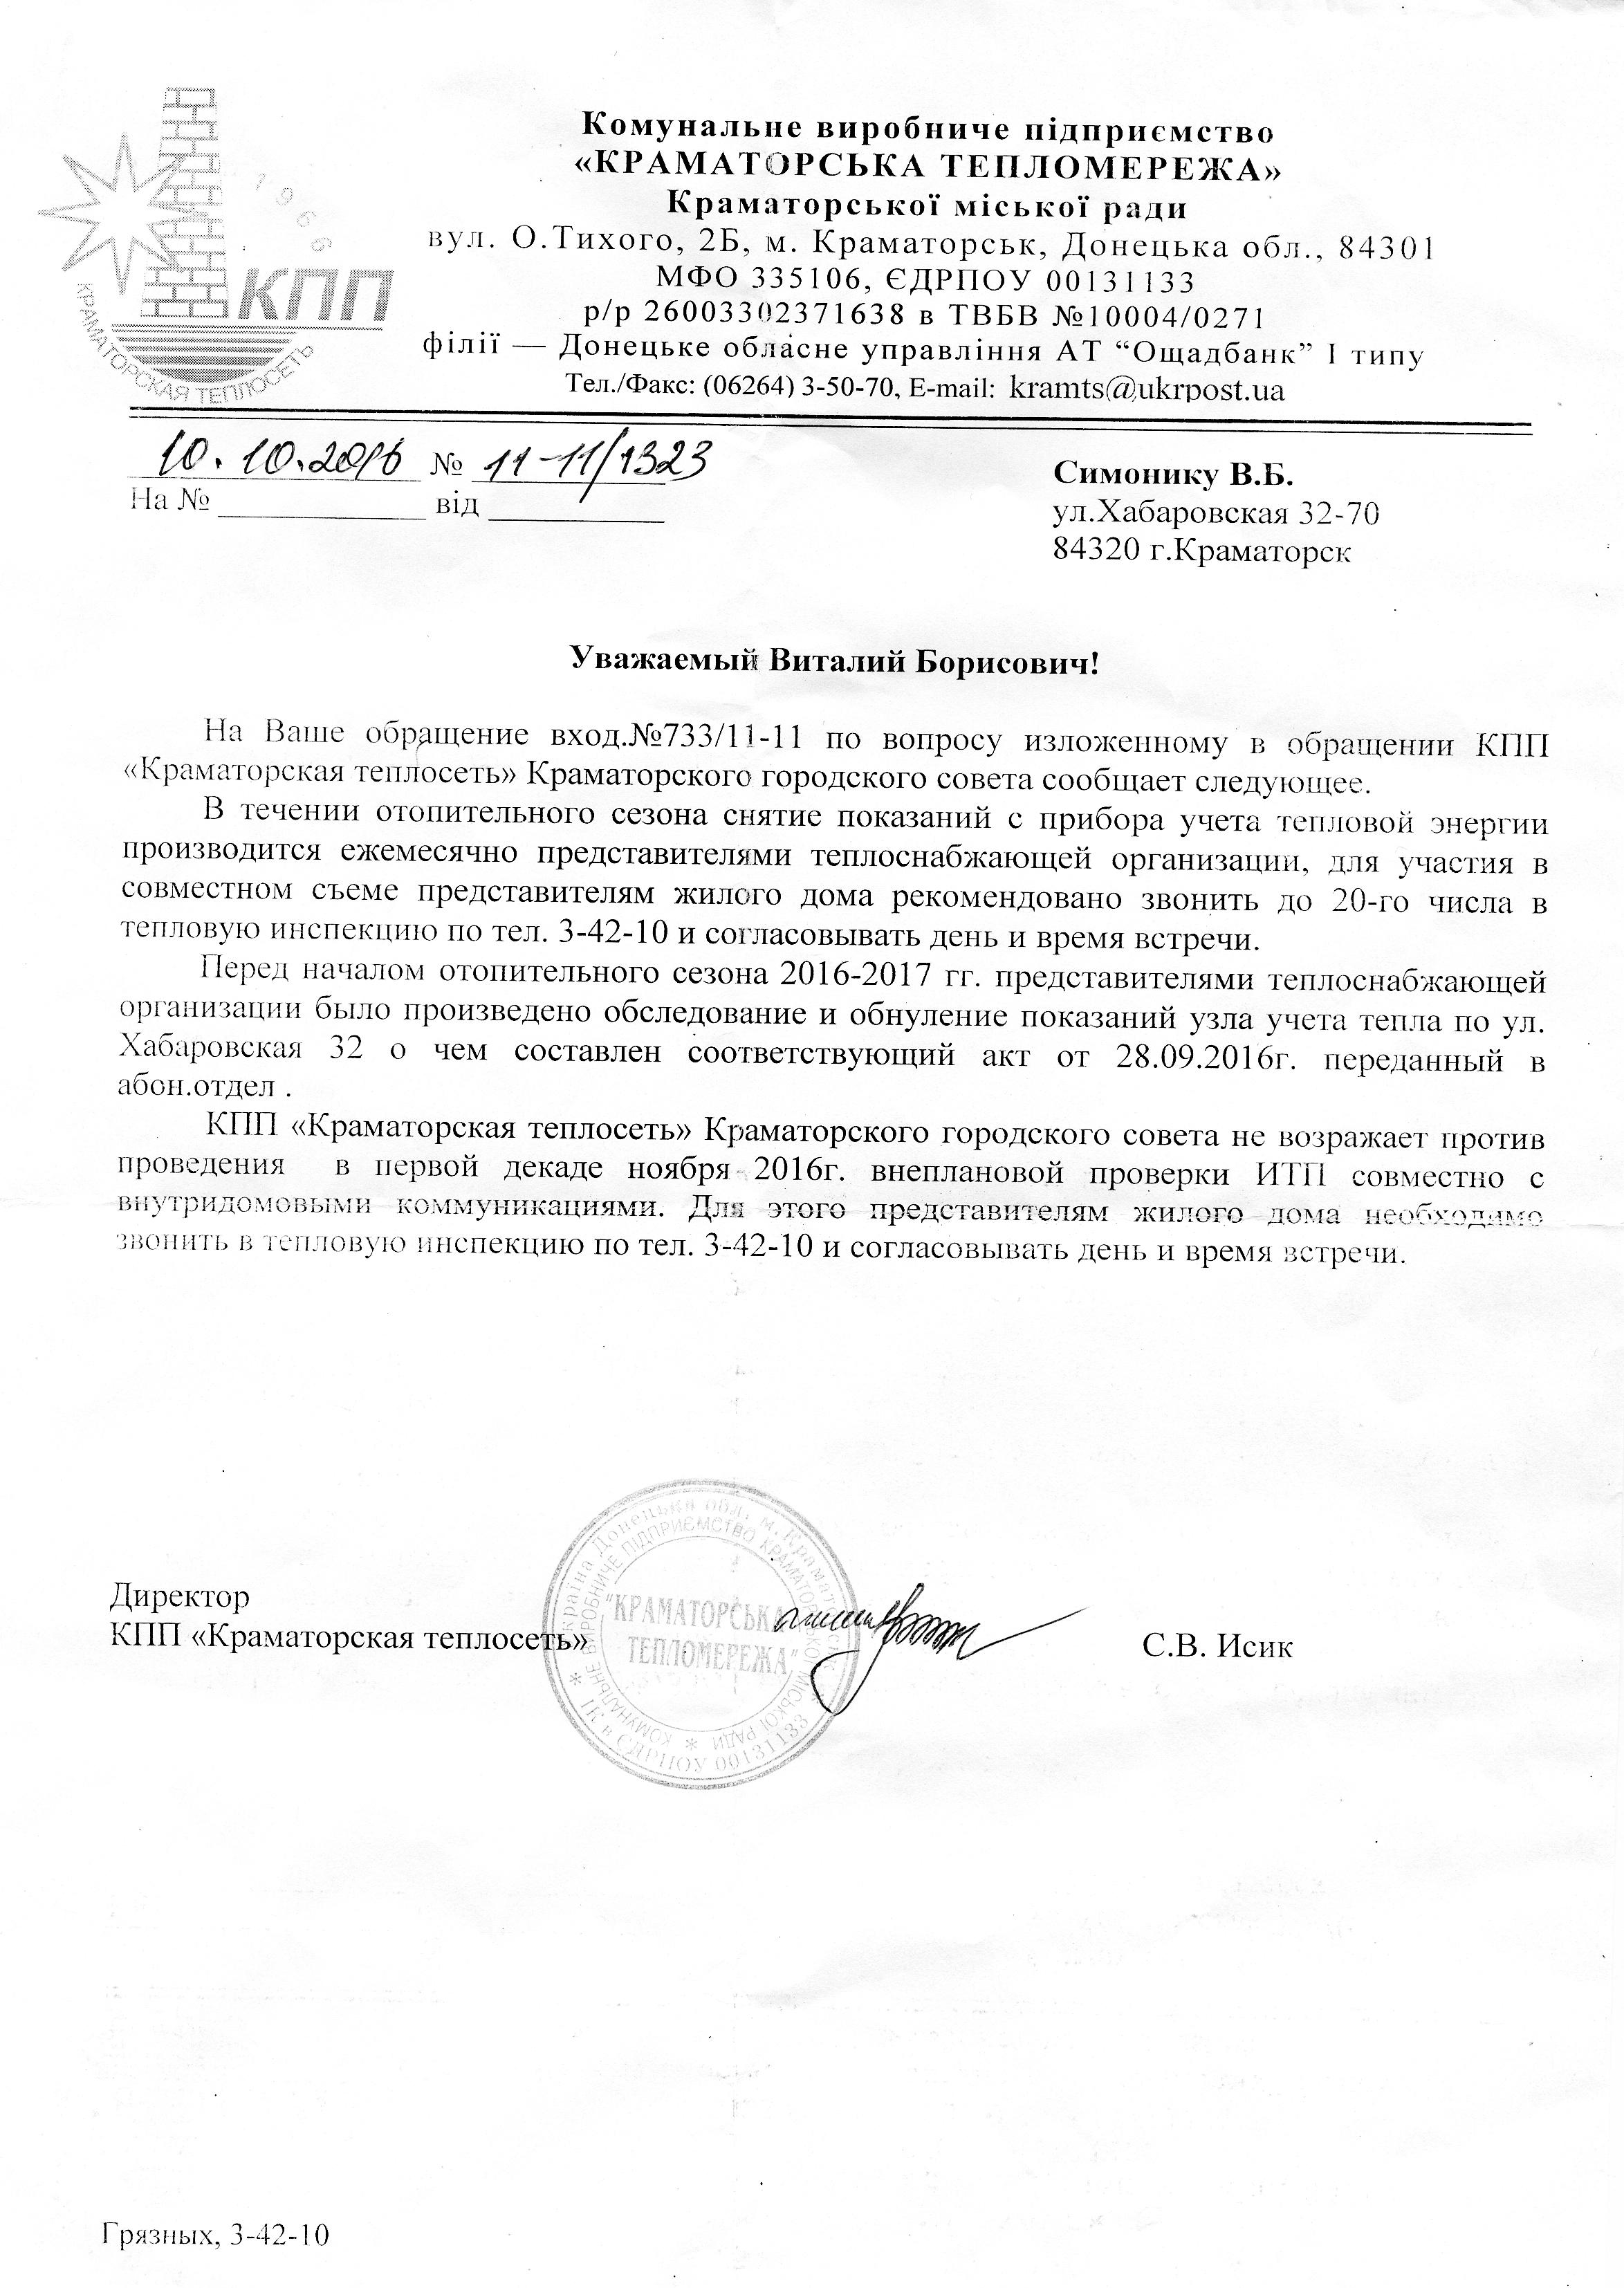 https://img-fotki.yandex.ru/get/196221/248142895.0/0_180fb2_acc03199_orig